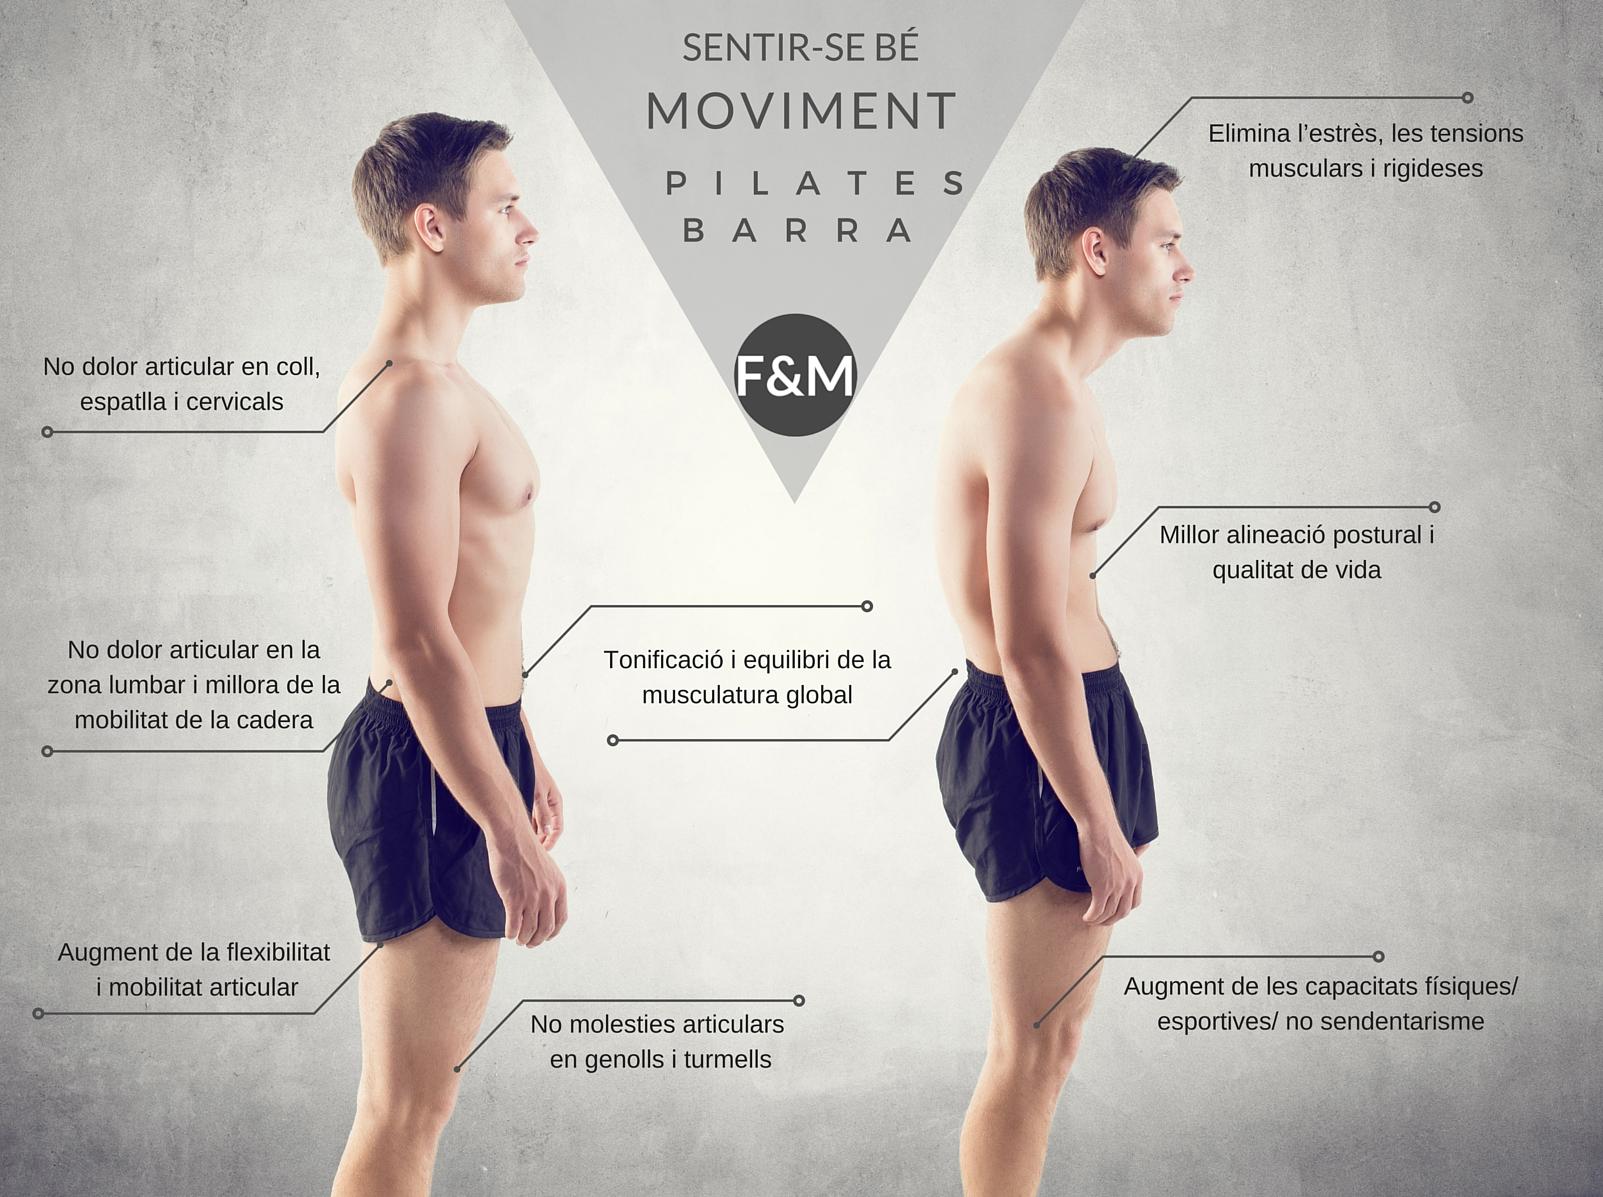 Esquena sana, musculada i flexible. Pilates Barcelona